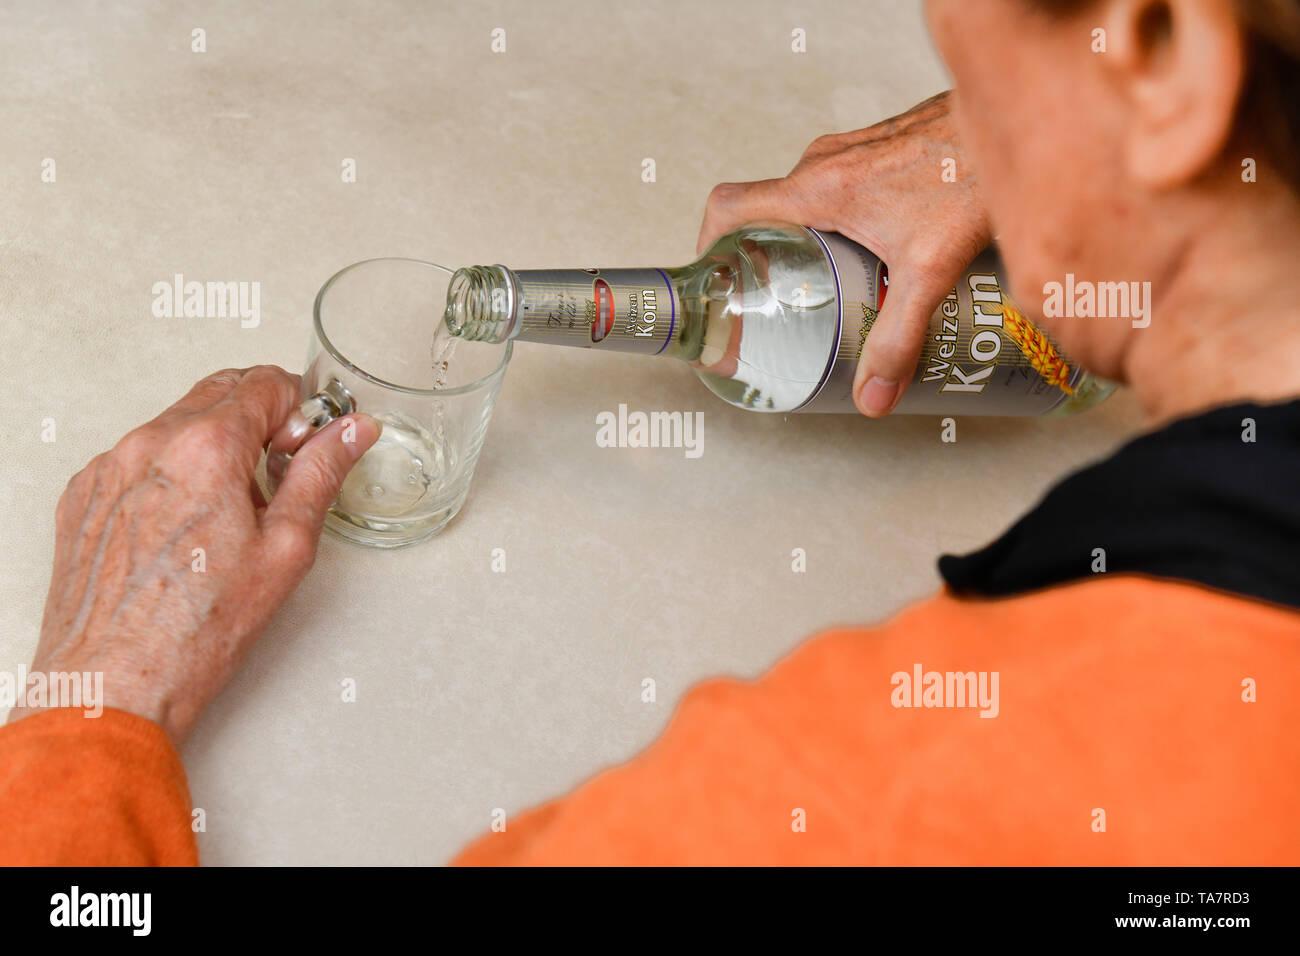 Put symbolic photo, alcohol, senior, Gestelltes Symbolfoto, Alkohol, Seniorin Stock Photo